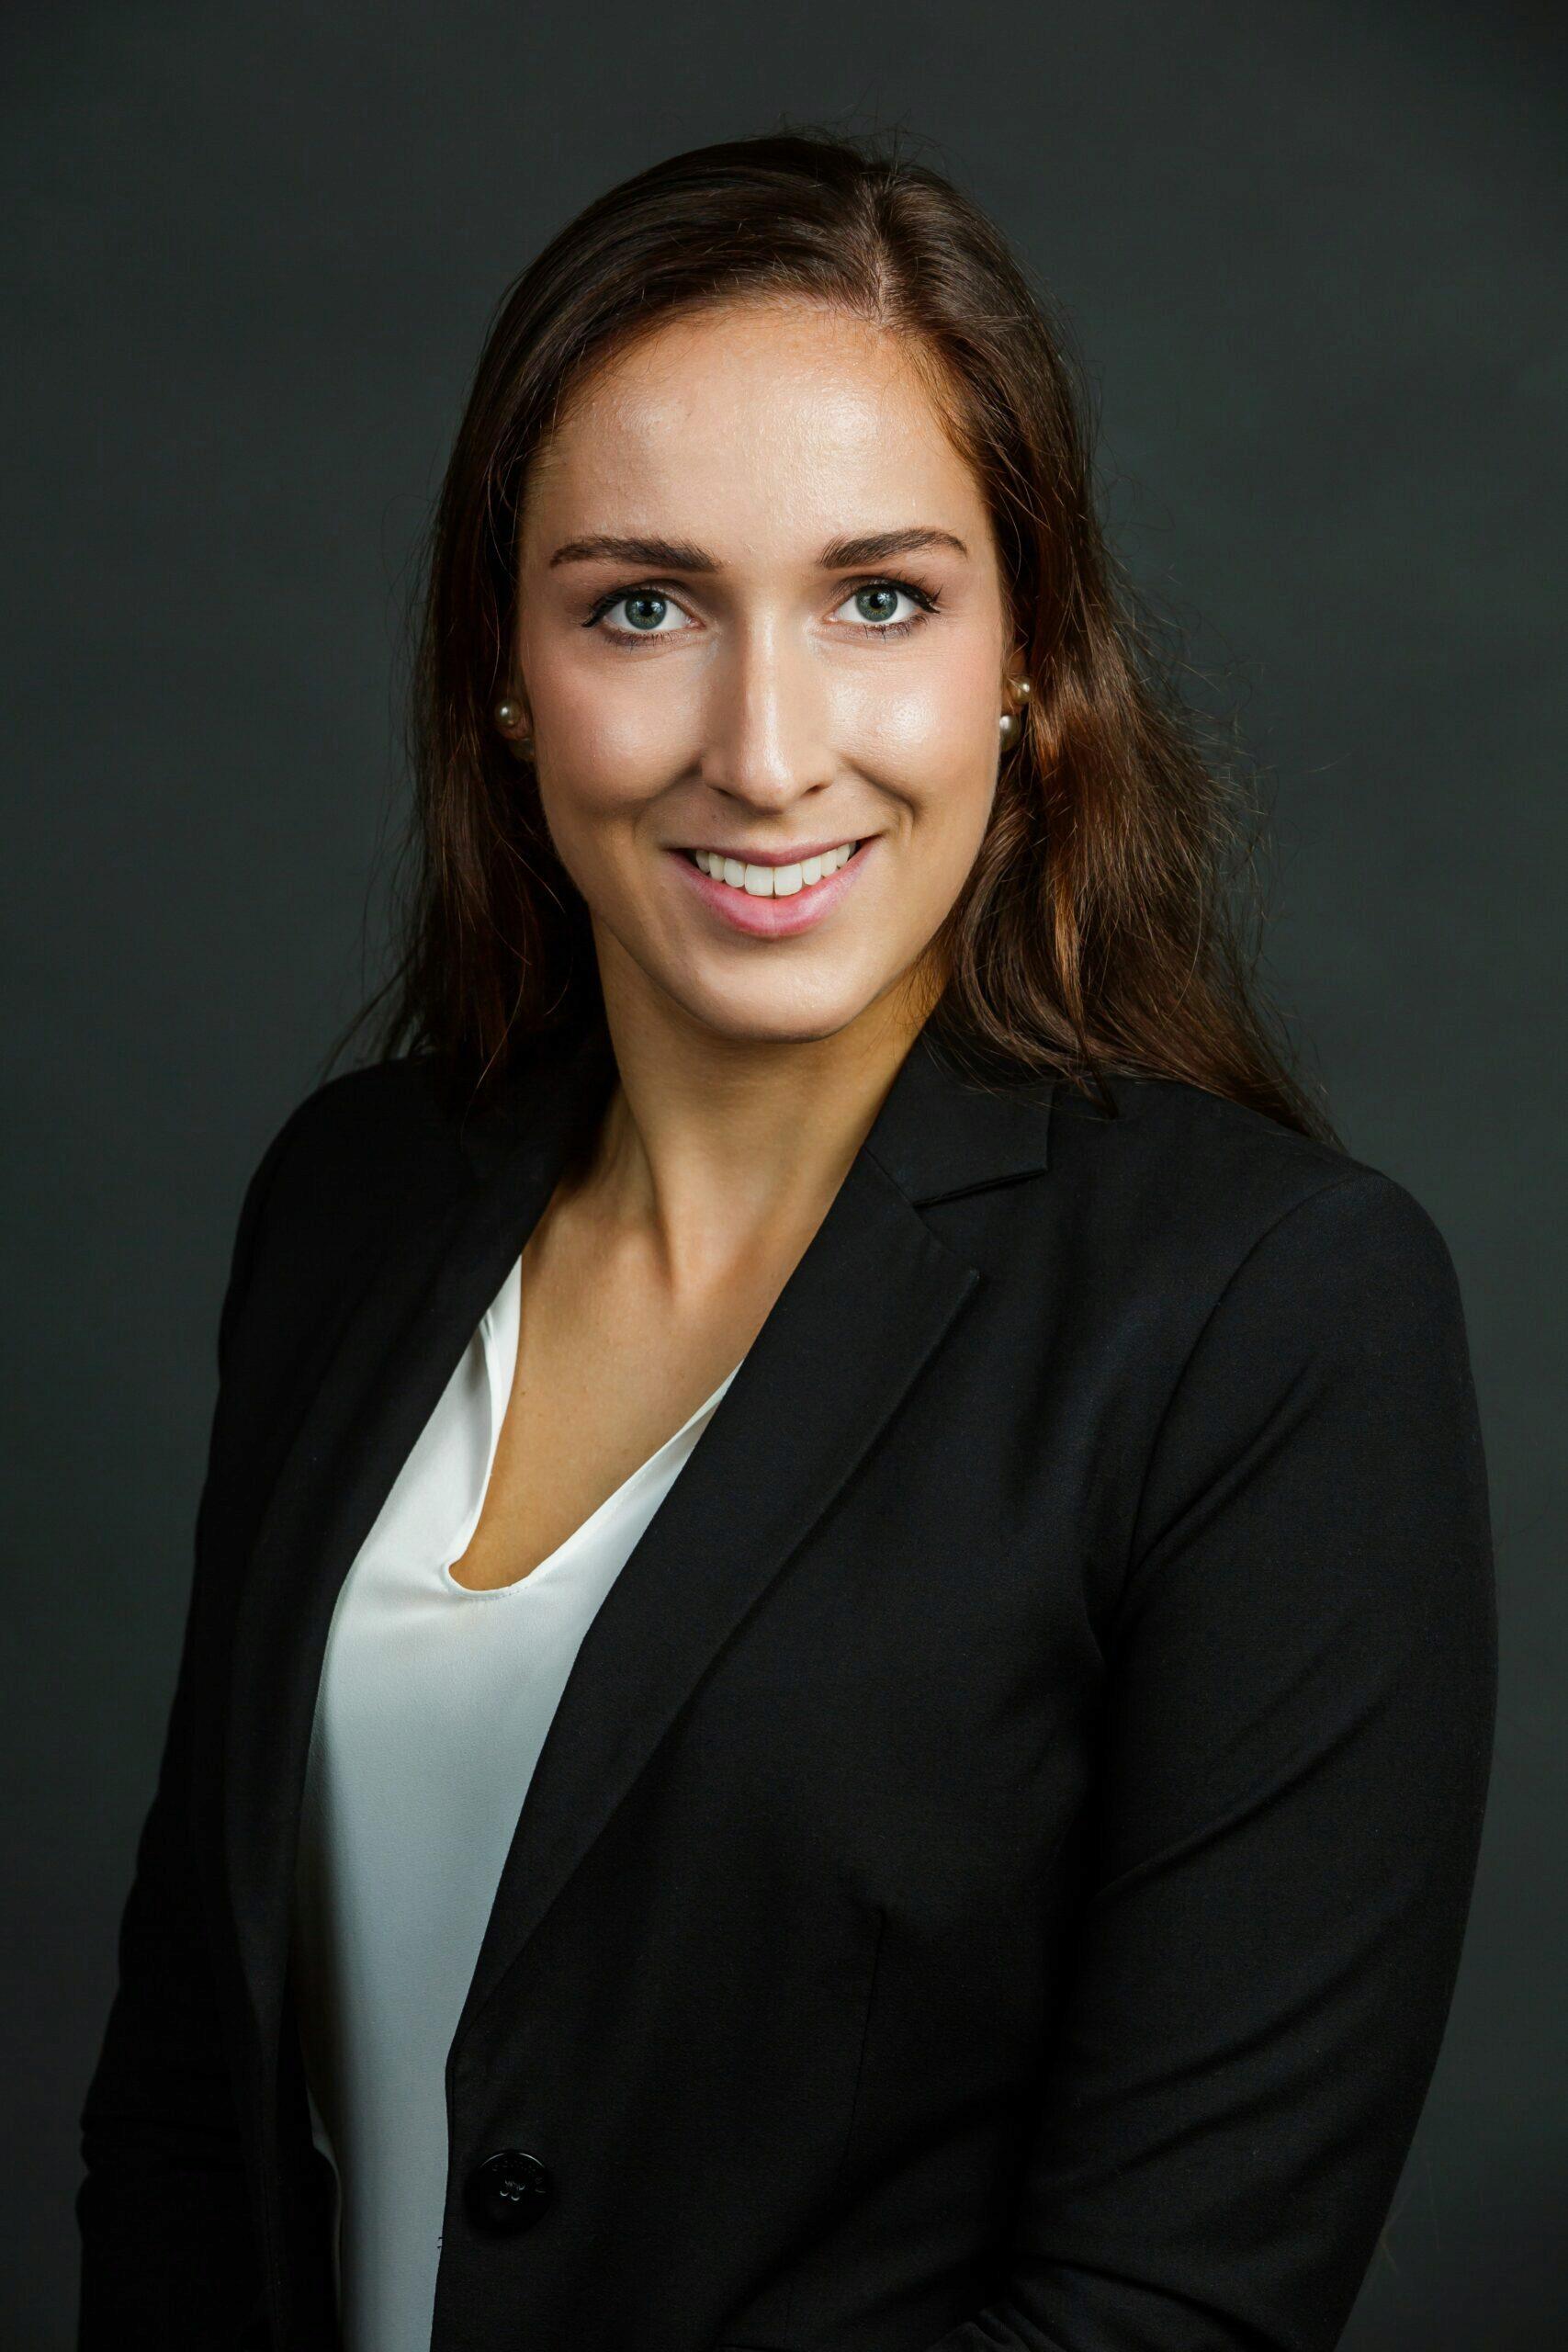 Anna-Theresa Helmke